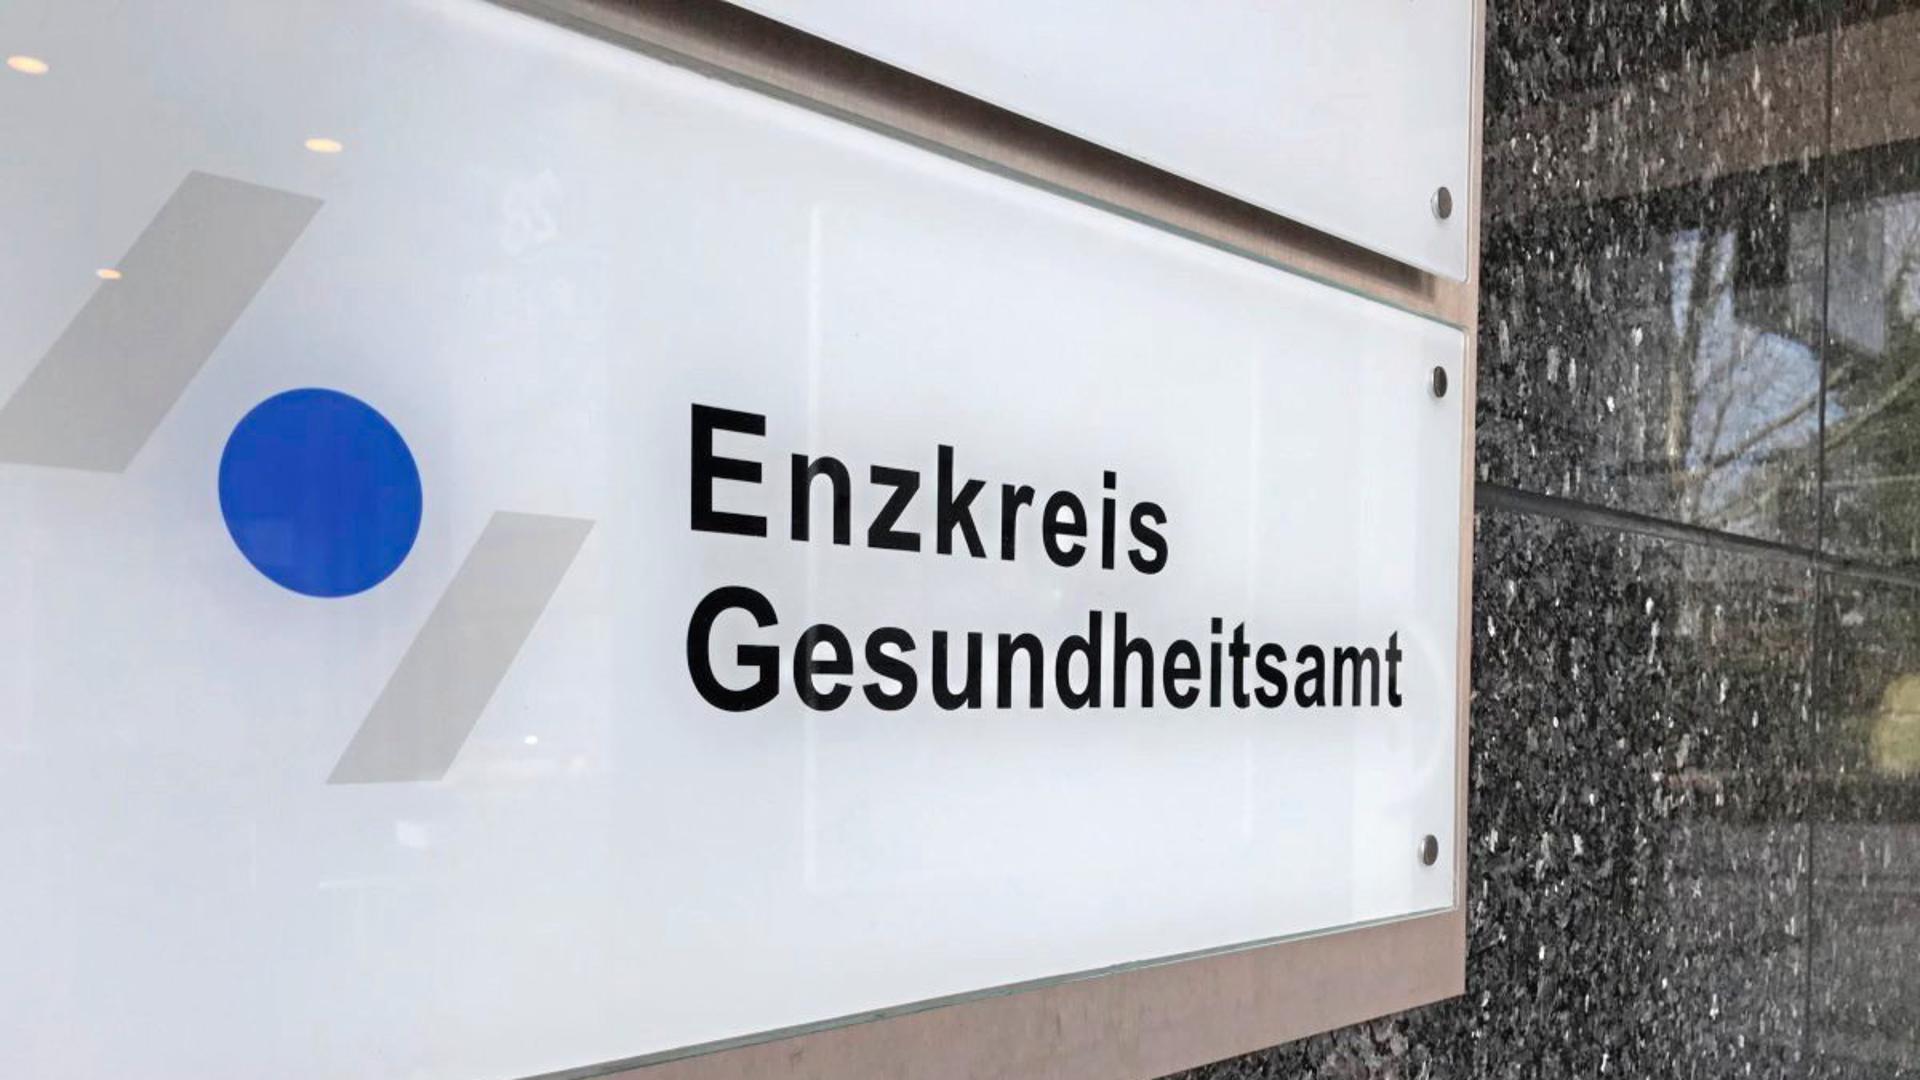 Gesundheitsamt Enzkreis